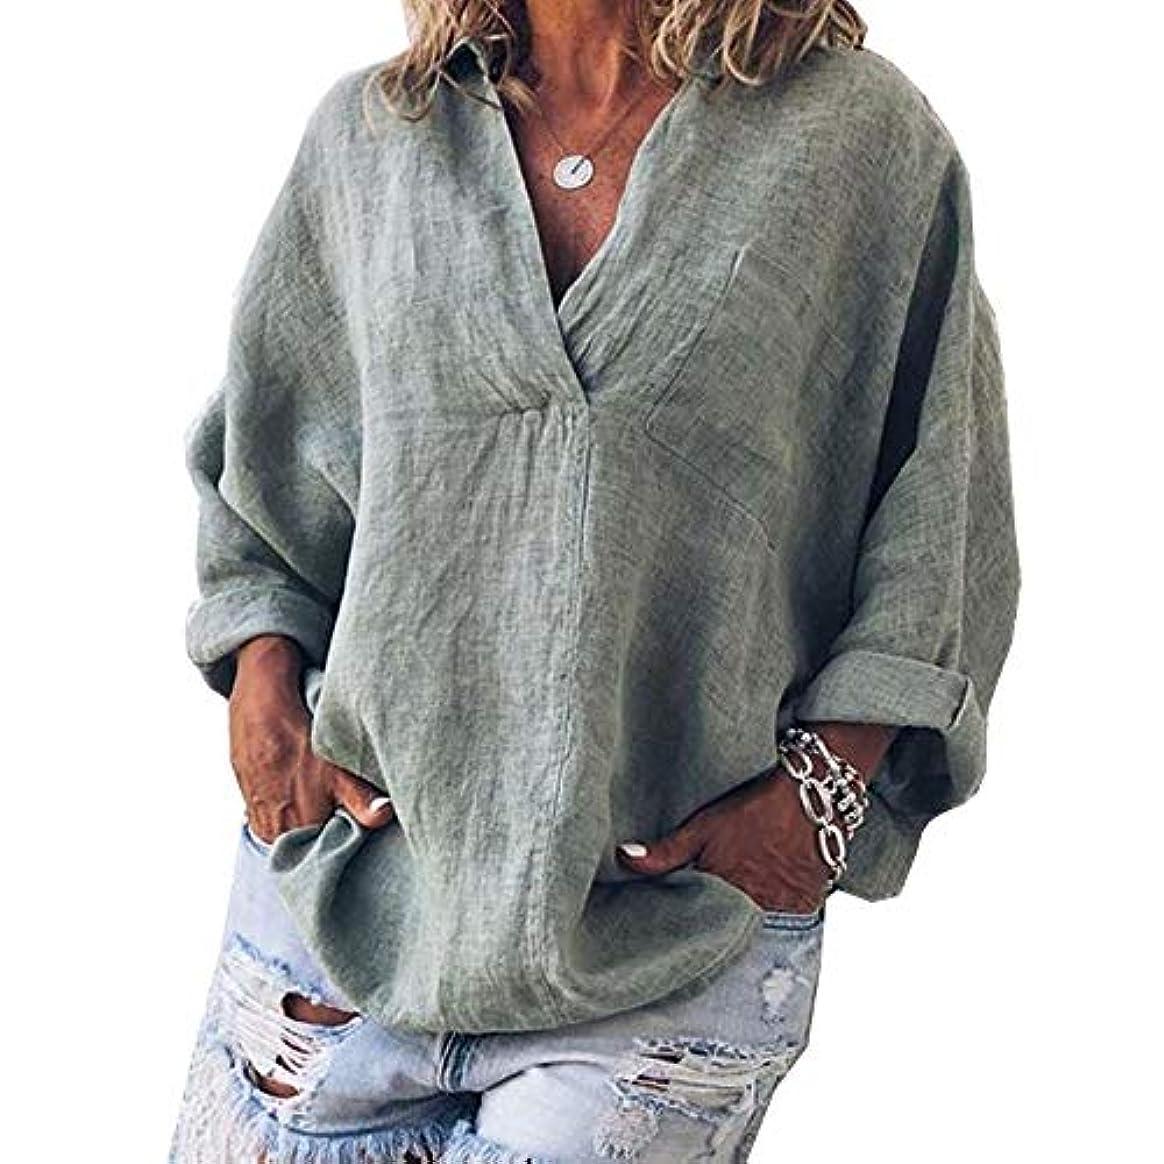 知事宗教グレーMIFAN女性ファッション春夏チュニックトップス深いVネックTシャツ長袖プルオーバールーズリネンブラウス